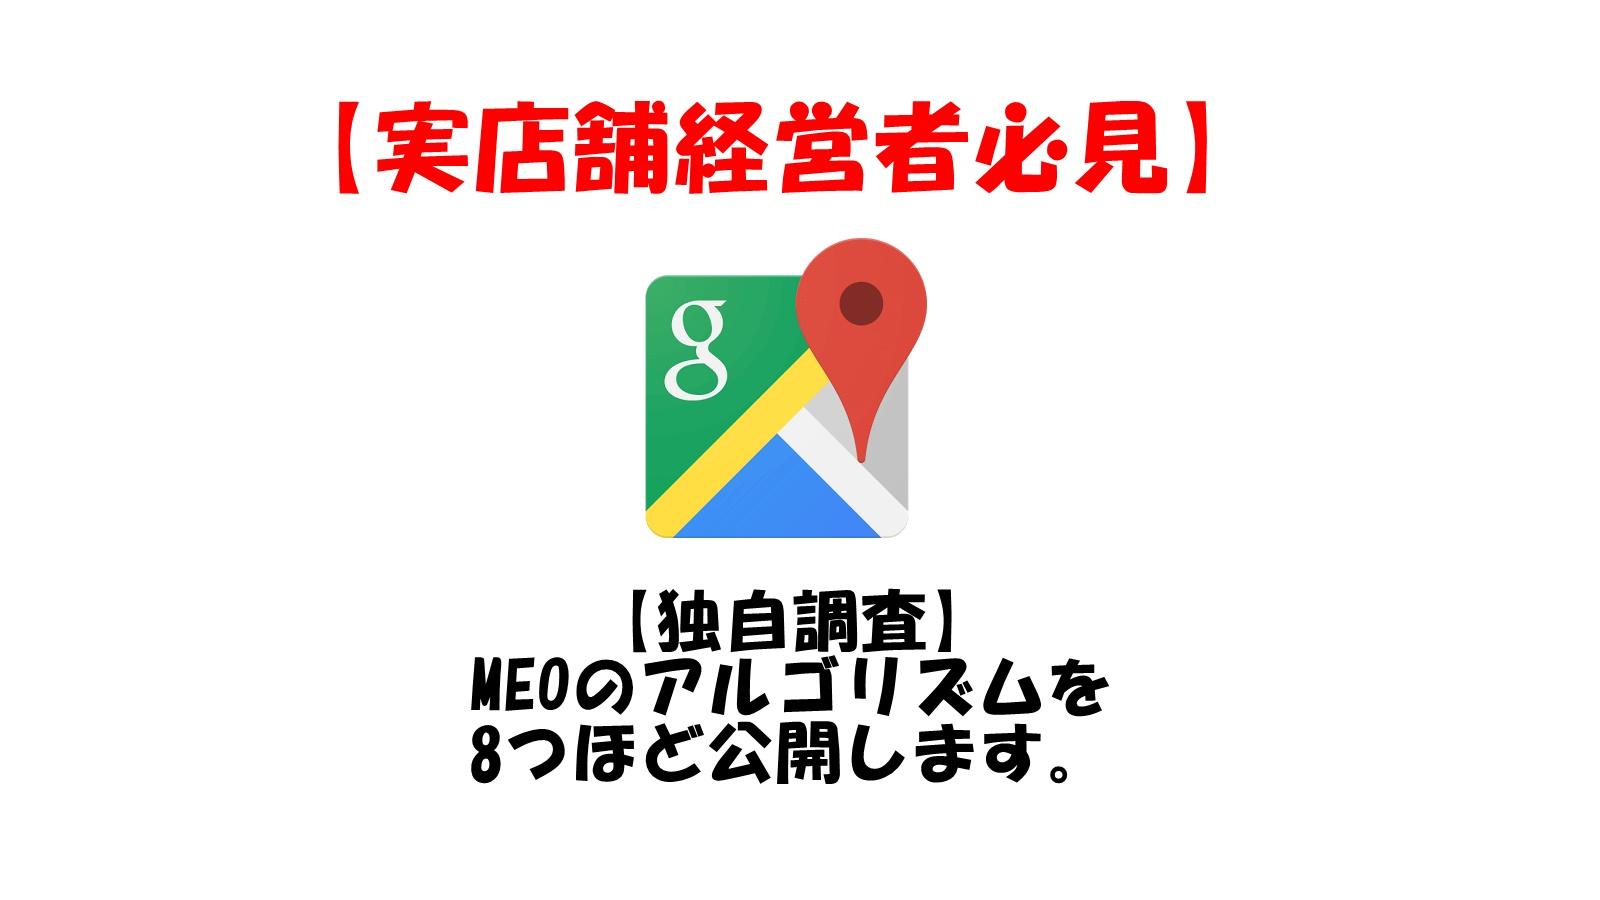 【実店舗経営者必見】MEOのアルゴリズムを8つほど公開します(独自調査)。